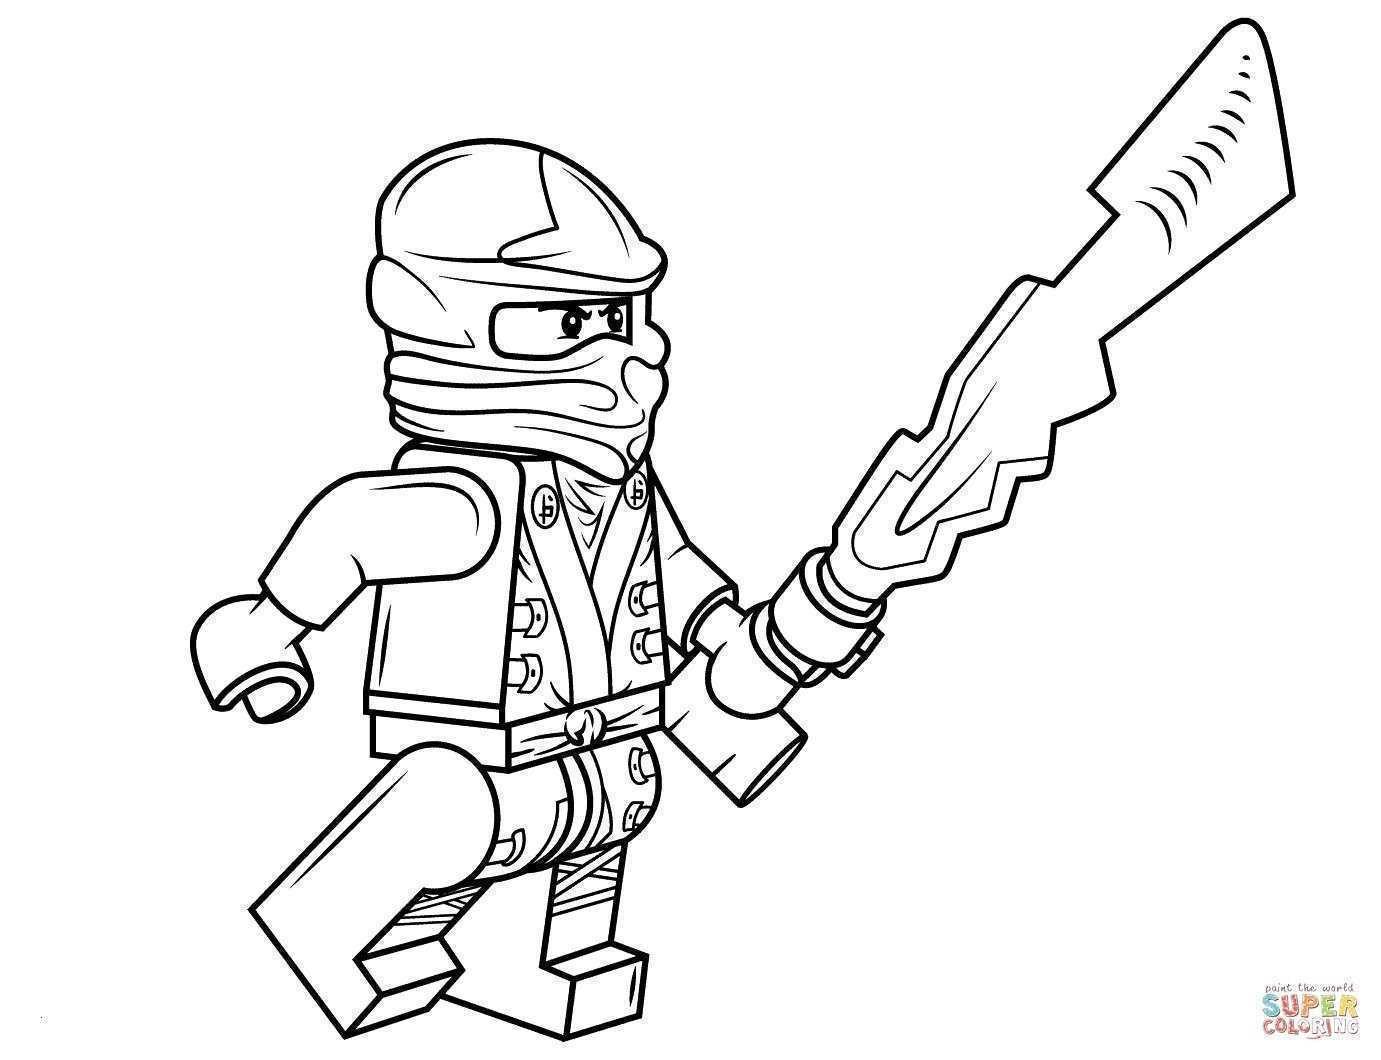 Lego Star Wars Ausmalbilder Frisch 47 Meilleur De Coloriage Star Wars Rey Coloriage Kids Galerie